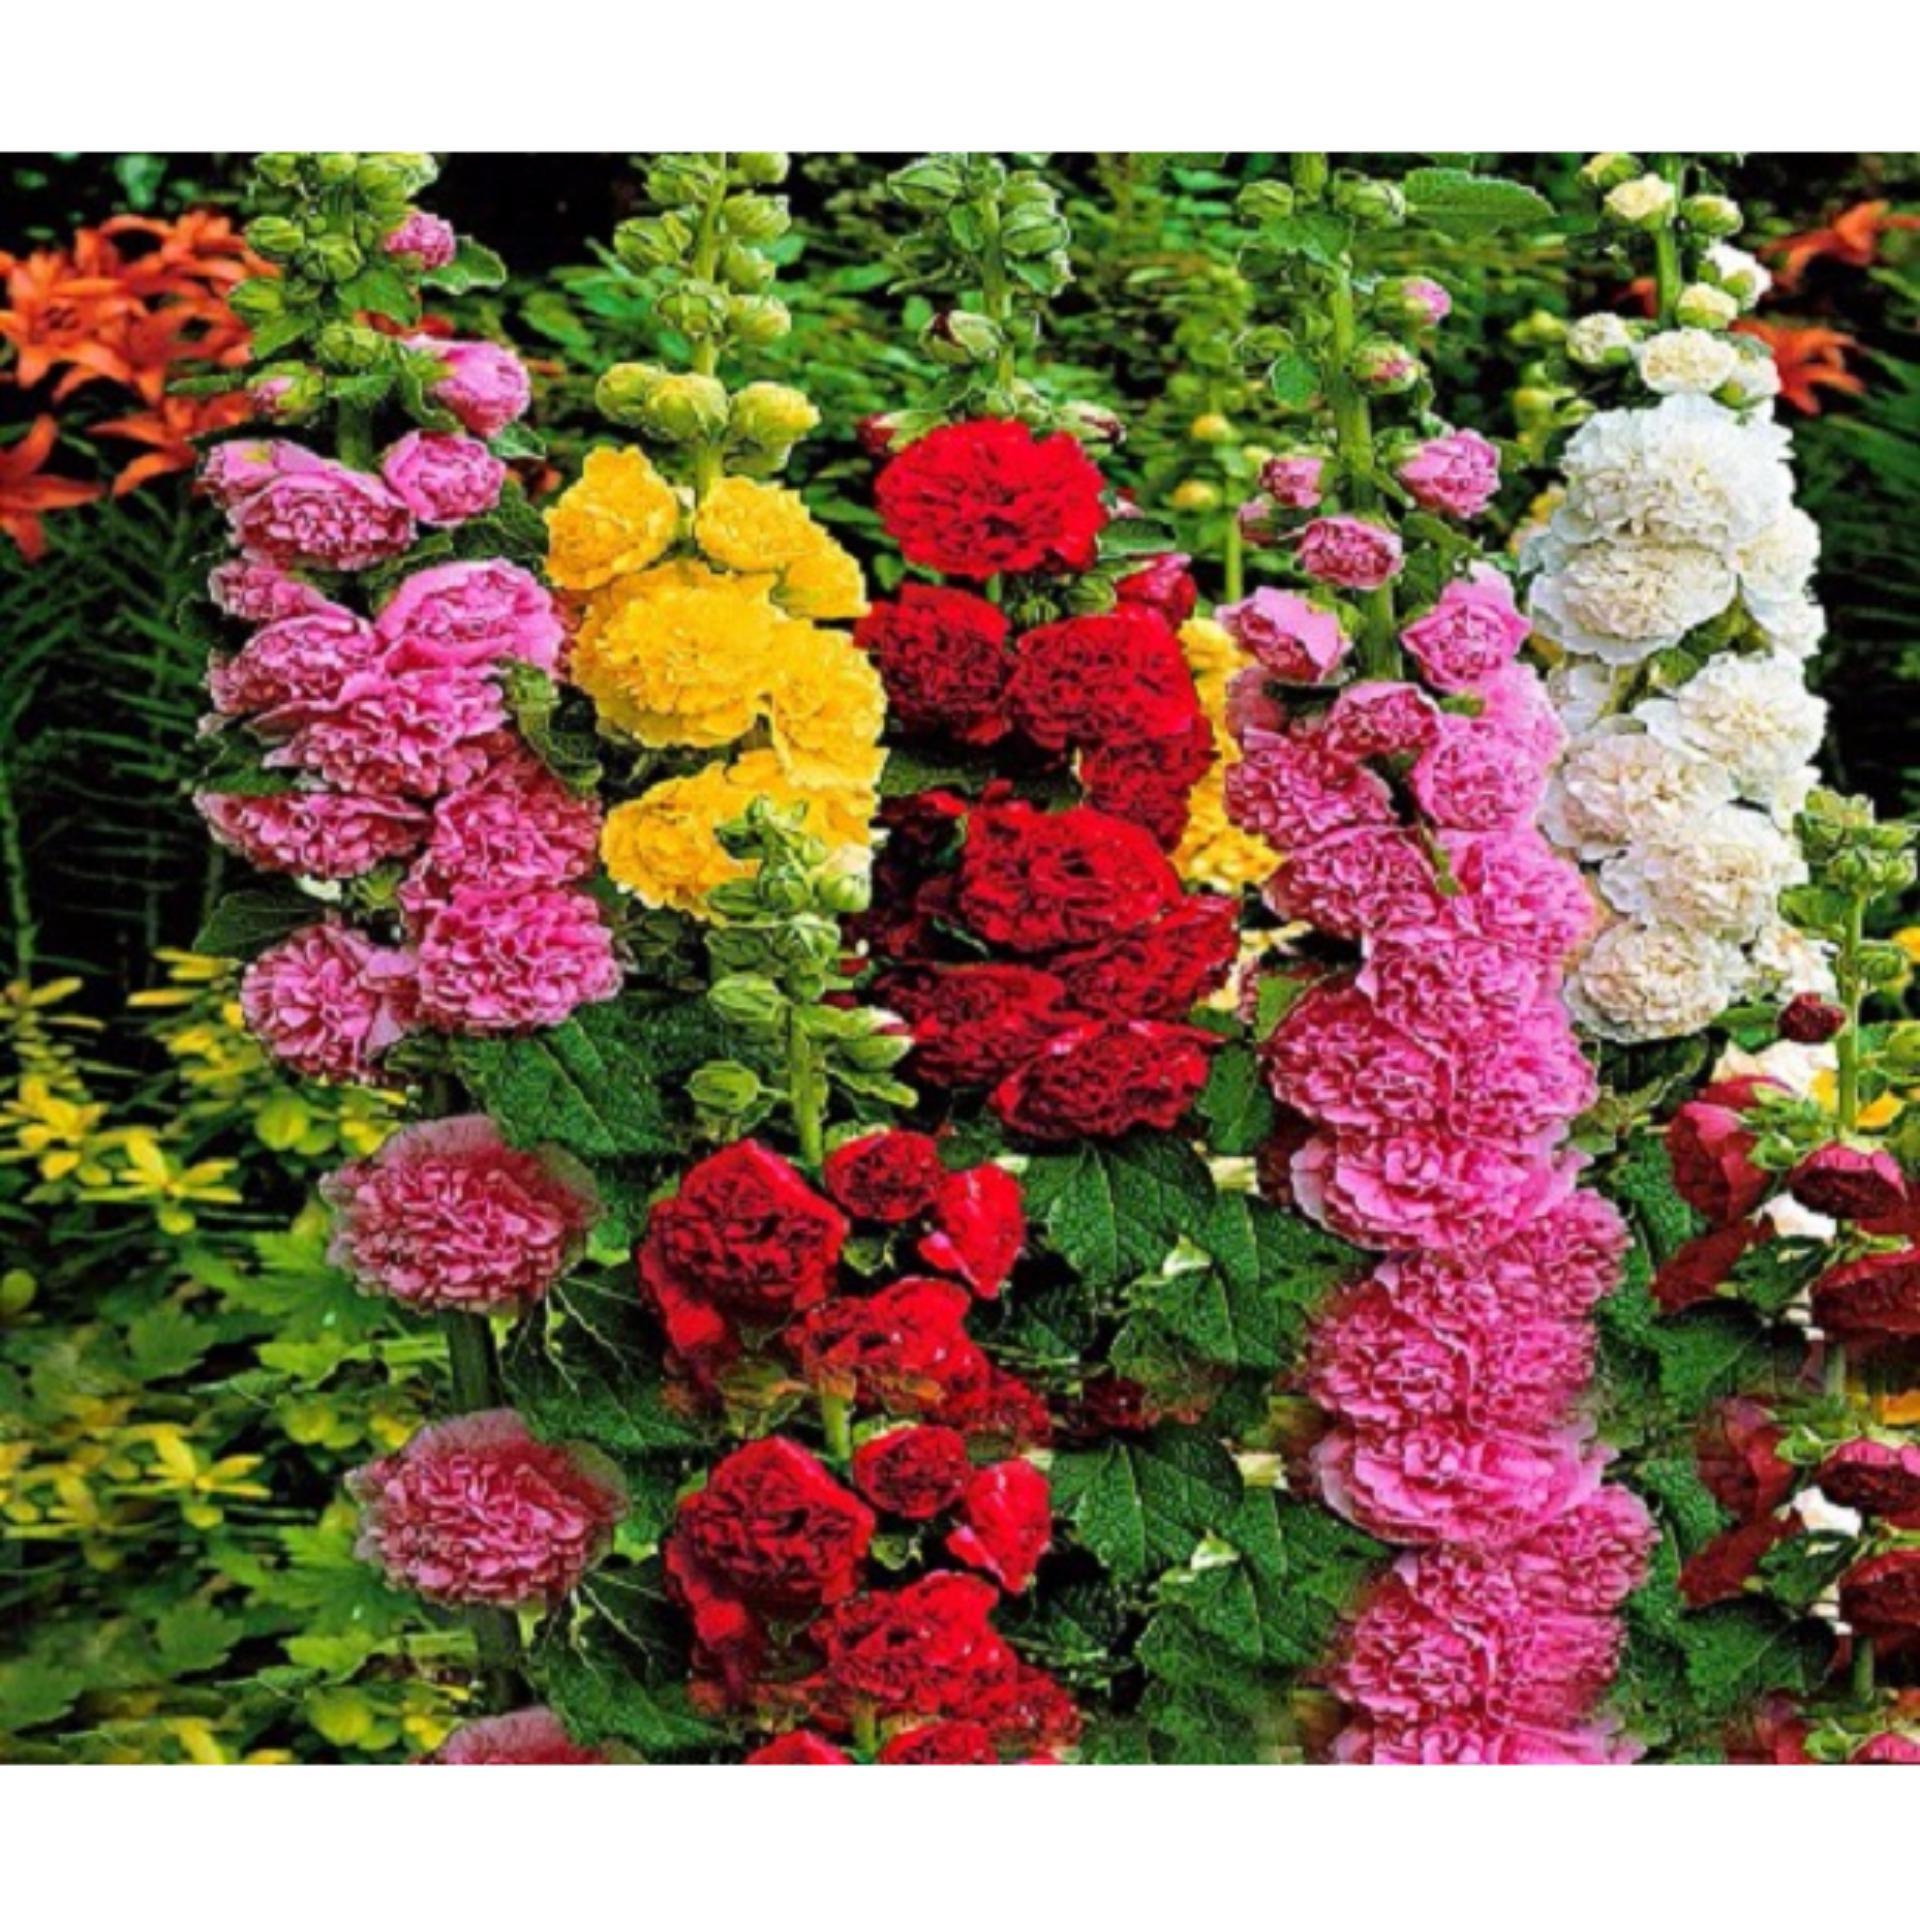 Hạt giống hoa mãn đình hồng (1g) - Hương Nông